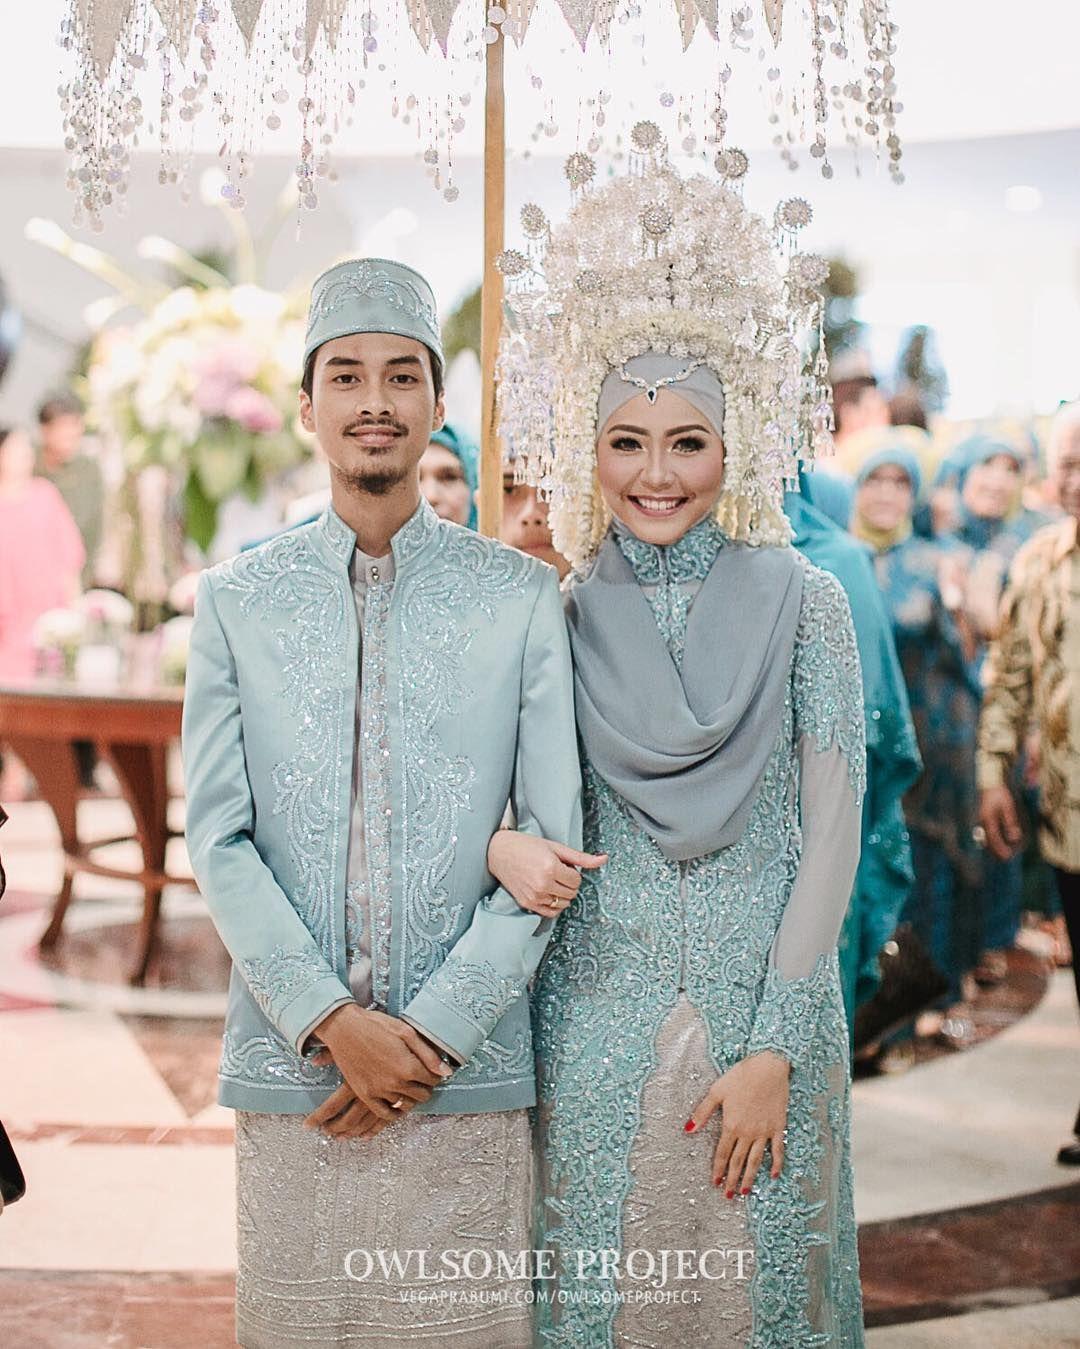 minang muslim wedding | #wedding | Pinterest | Kebaya, Muslim and ...